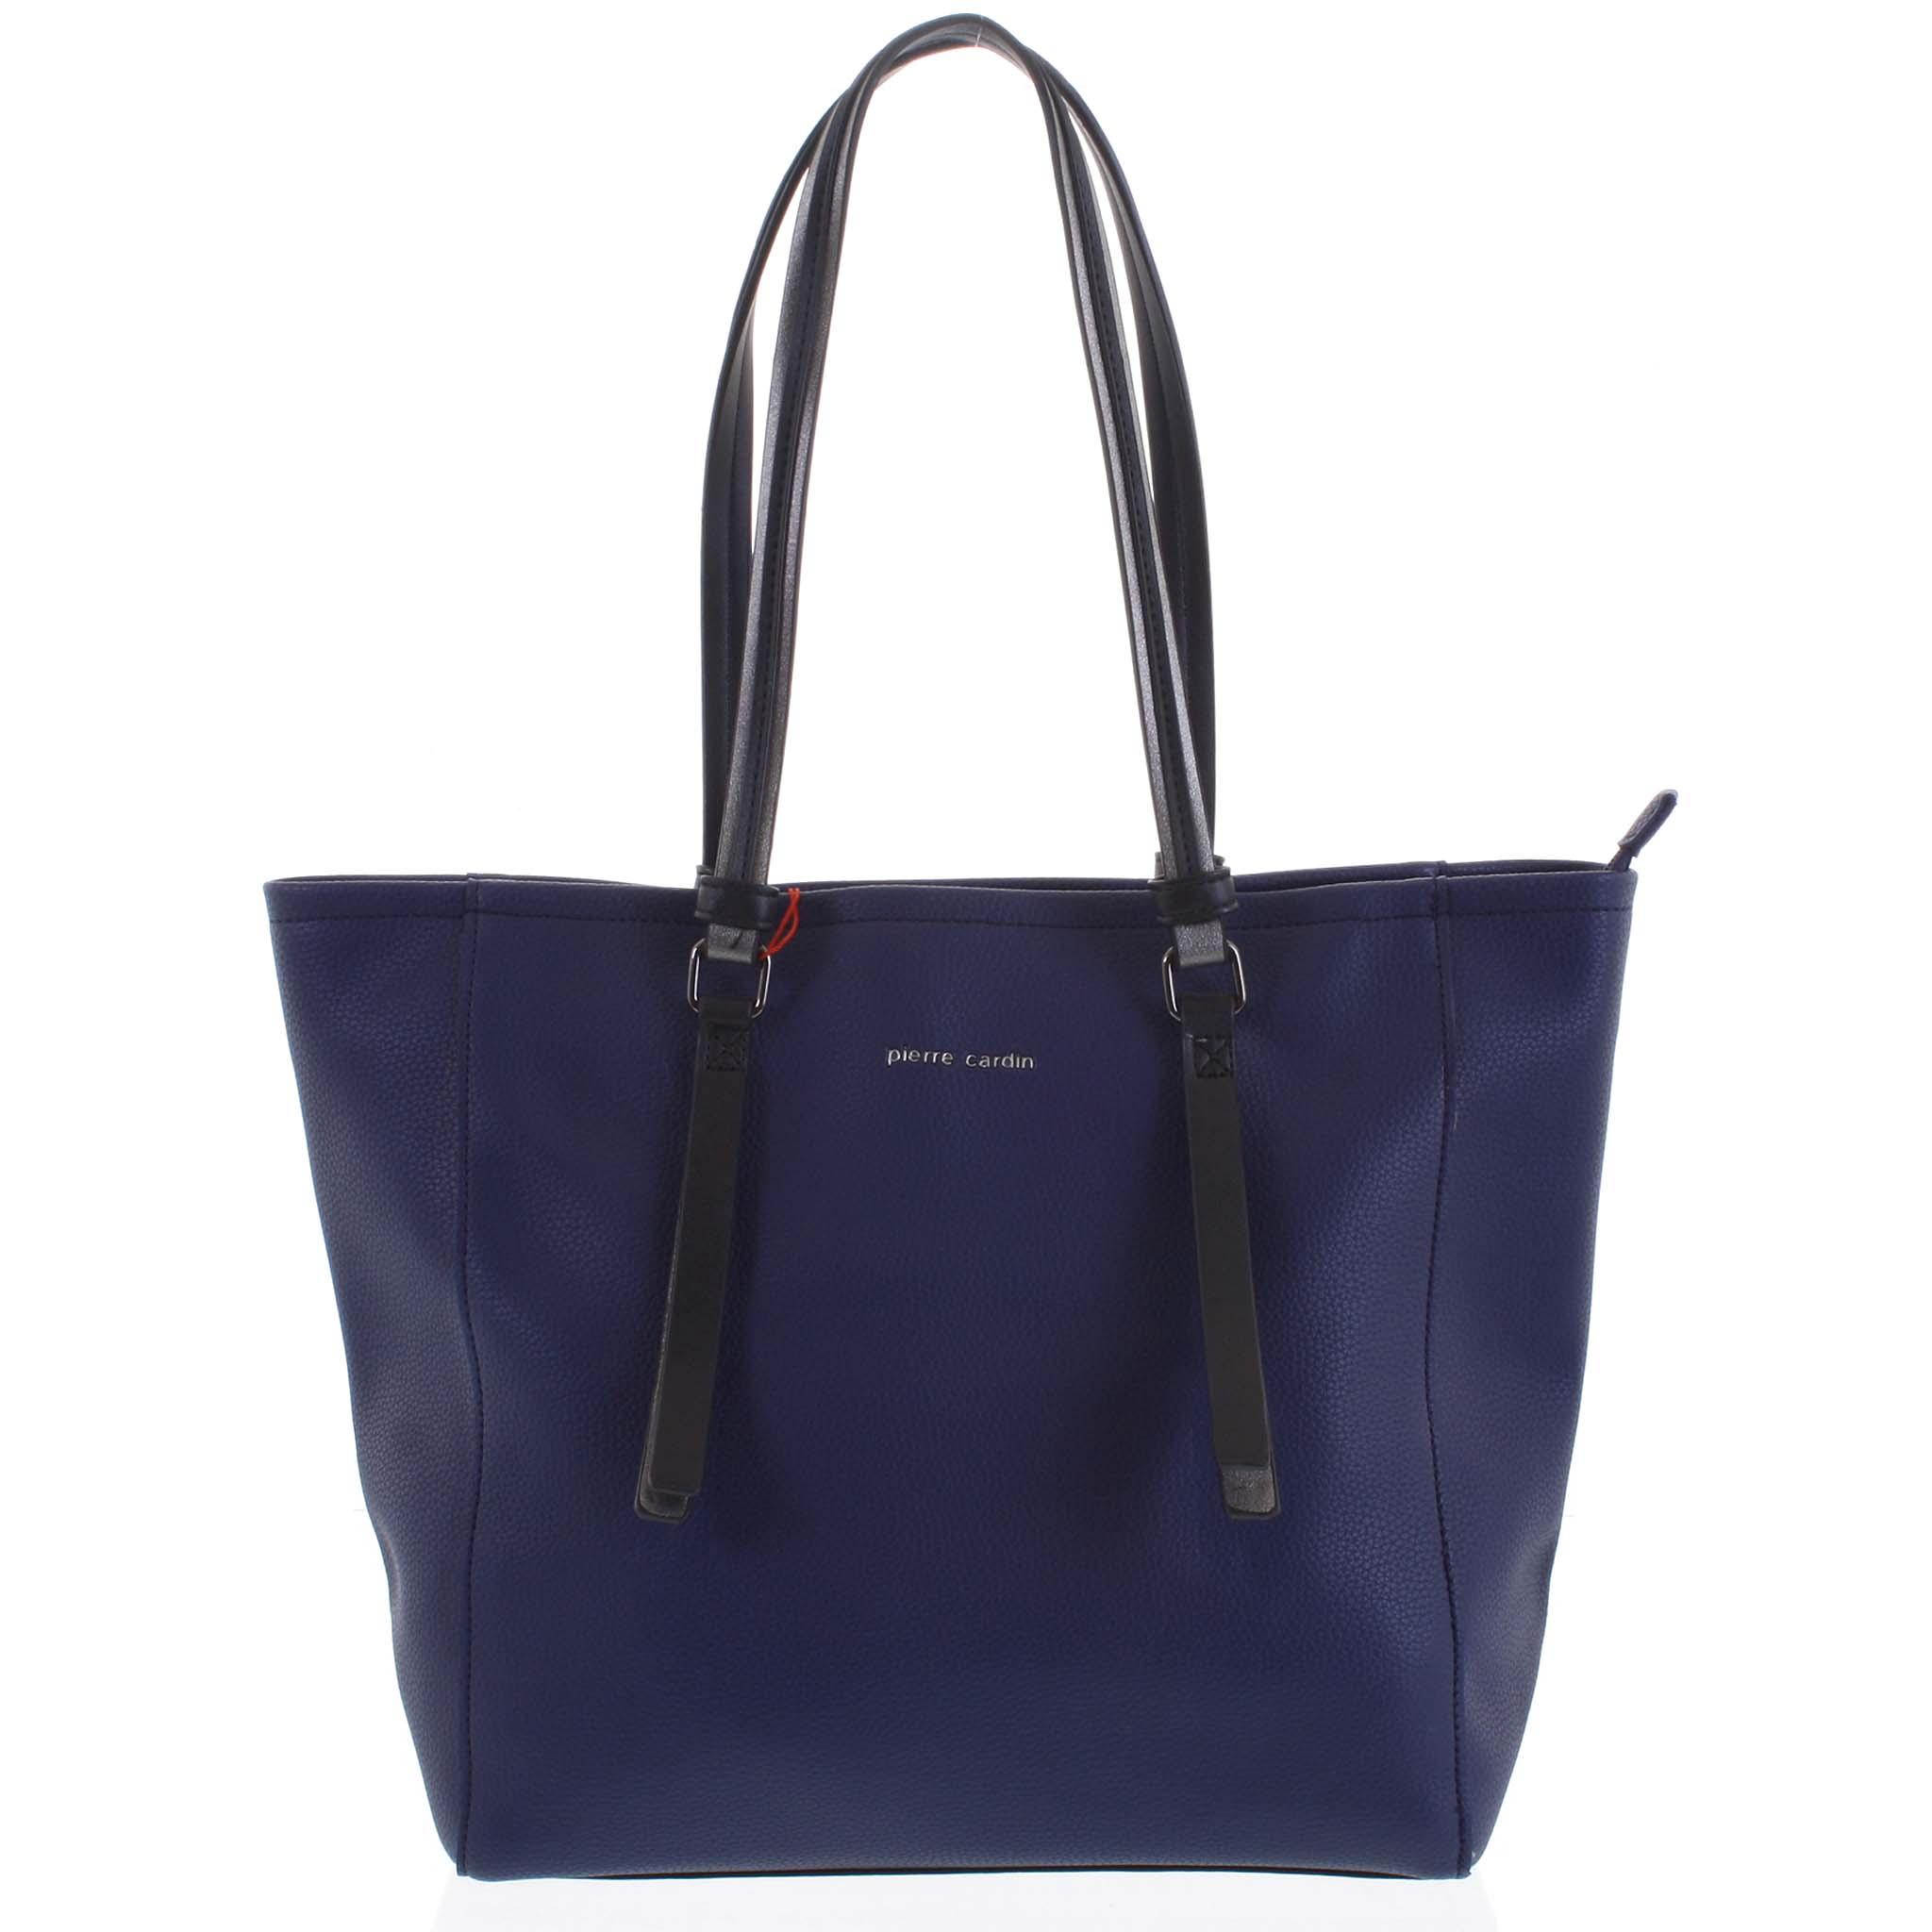 Dámska kabelka cez rameno tmavo modrá - Pierre Cardin Hermiona tmavo modra